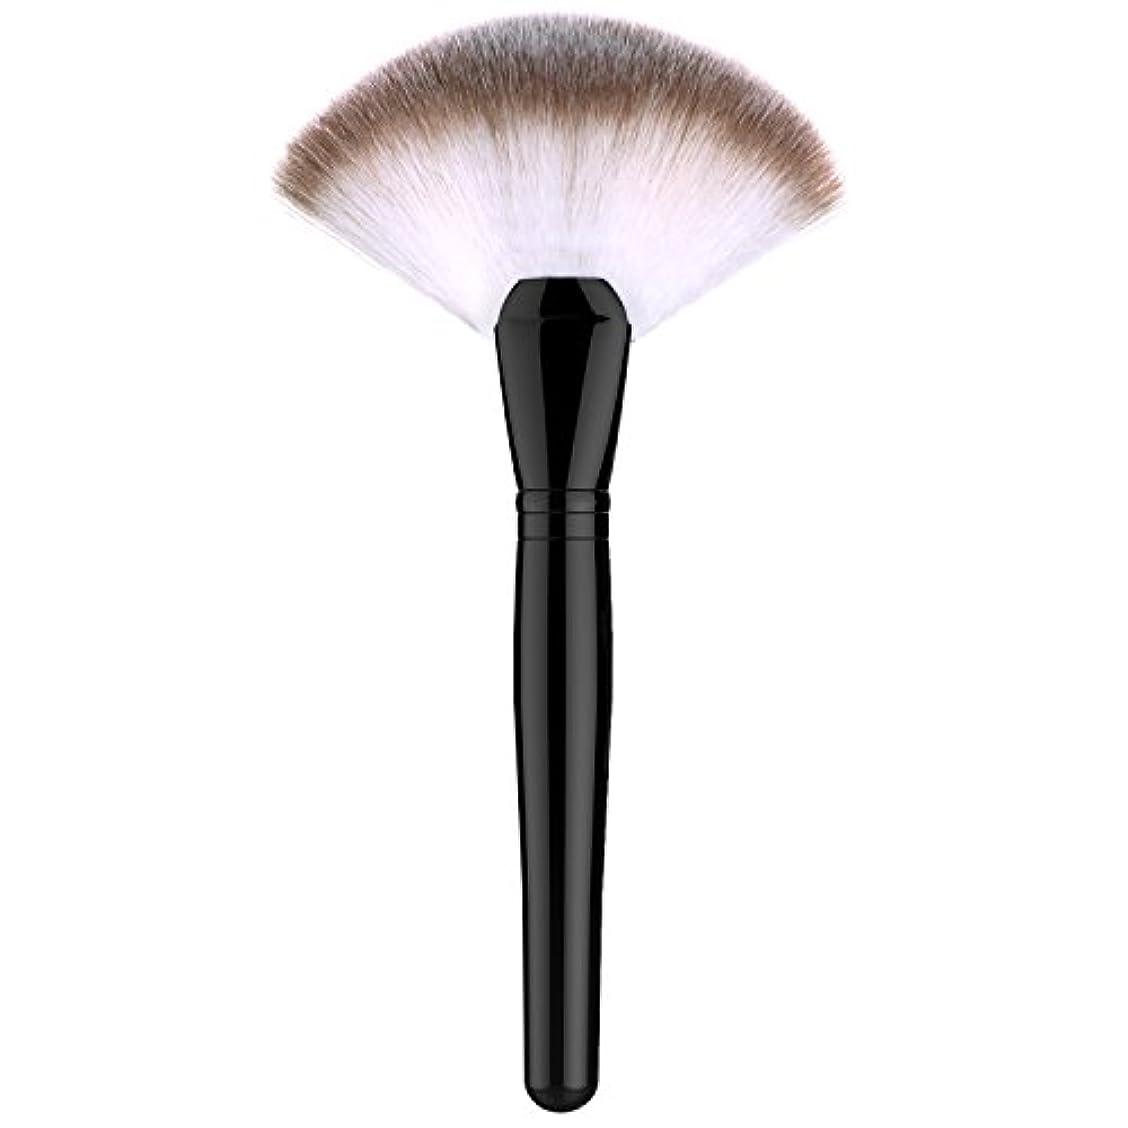 一致追うせっかちファンデーションブラシ - Luxspire 扇形 メイクブラシセット 化粧筆 コスメブラシ 繊細な人工毛 毛質やわらかい 肌に優しい